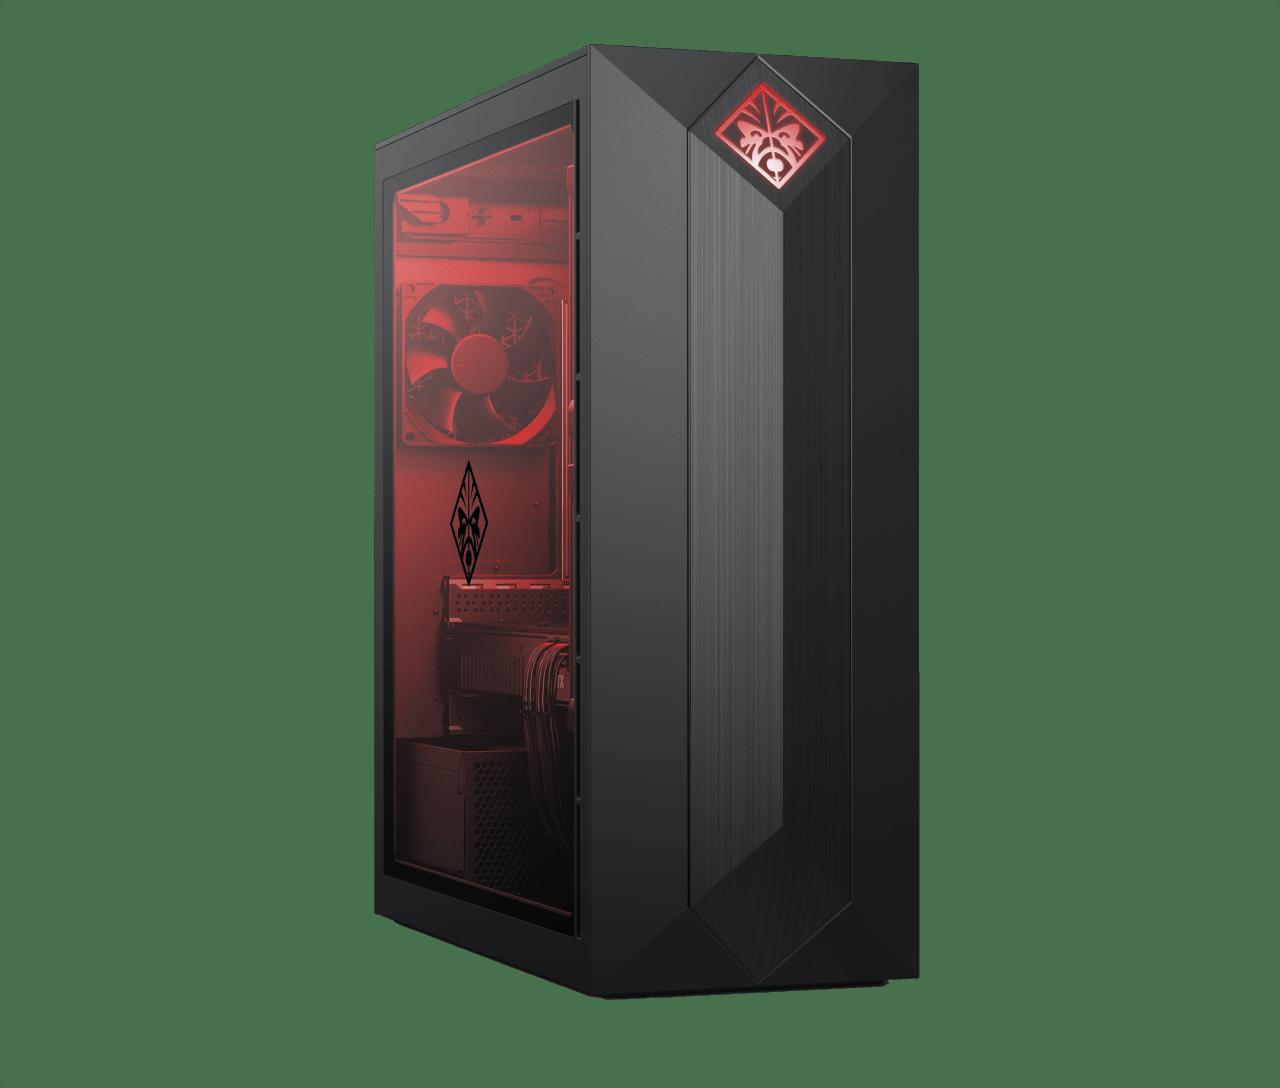 Schwarz Omen Obelisk 875-1015ng.3